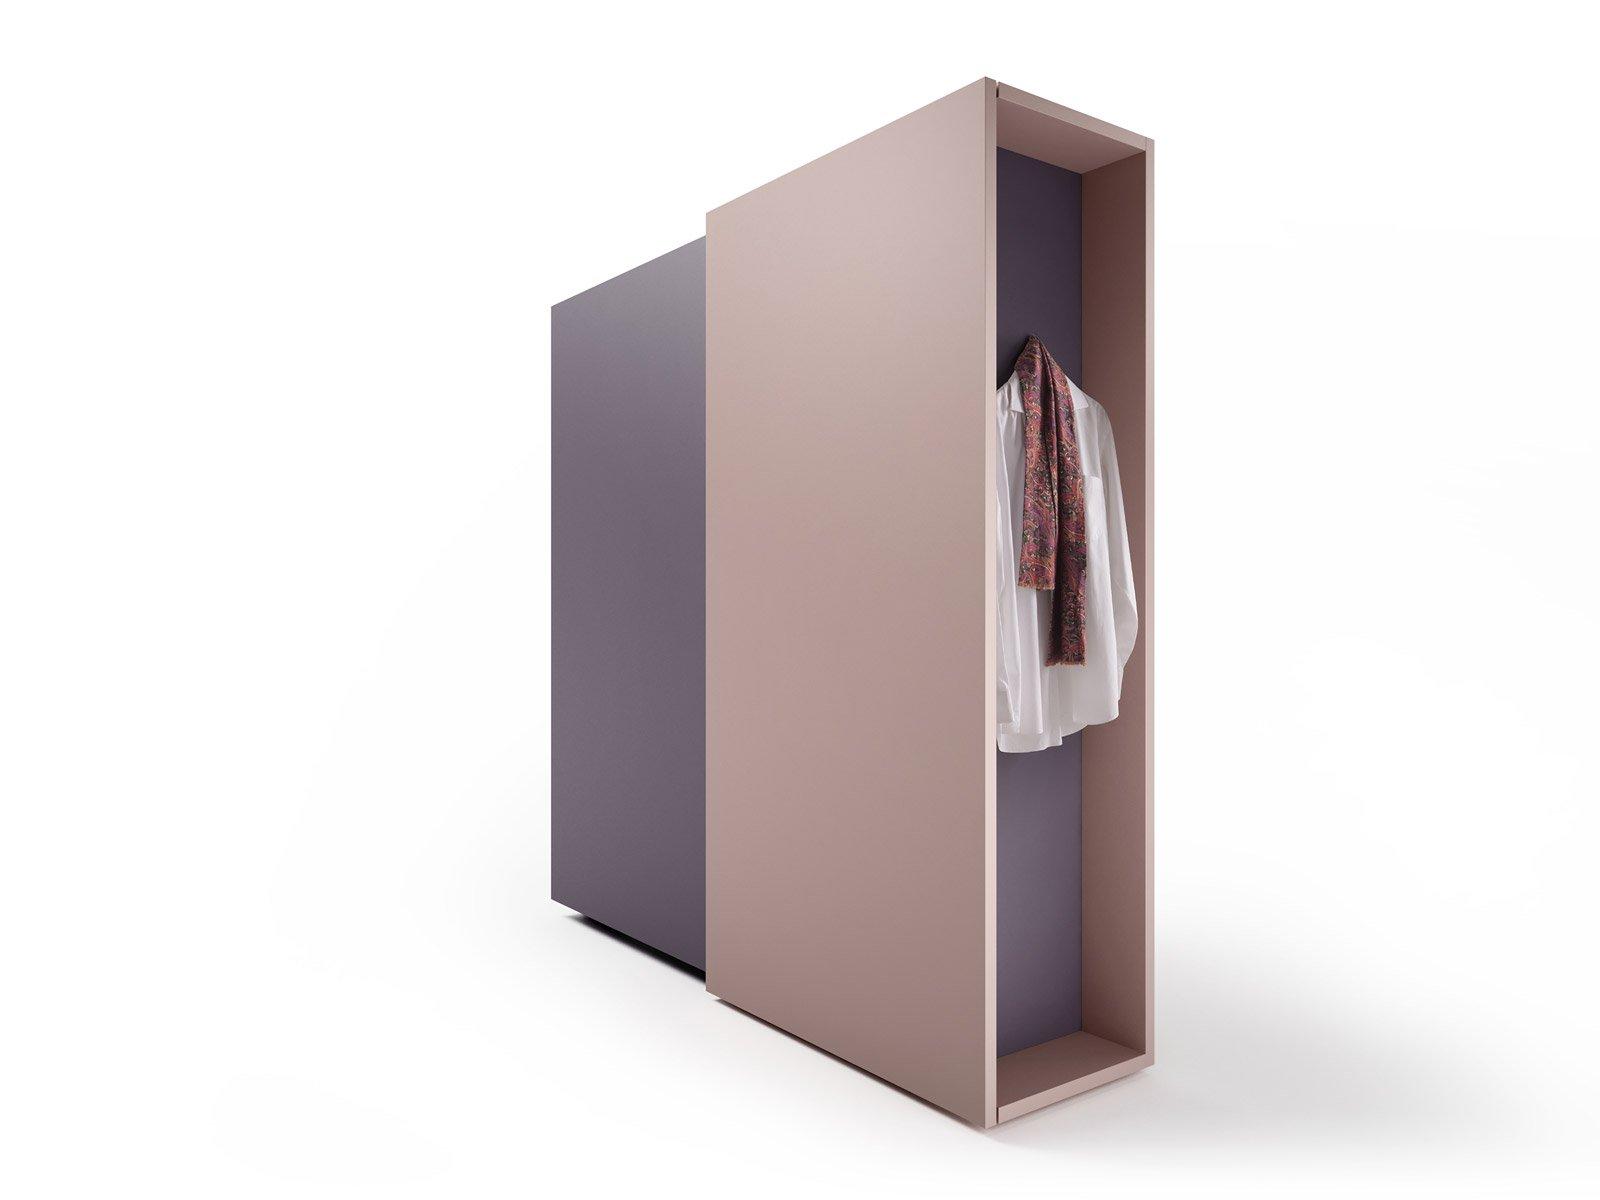 Isaloni 2015 armadi cabine cassettiere tutti da esibire for Cabine al lago shadd